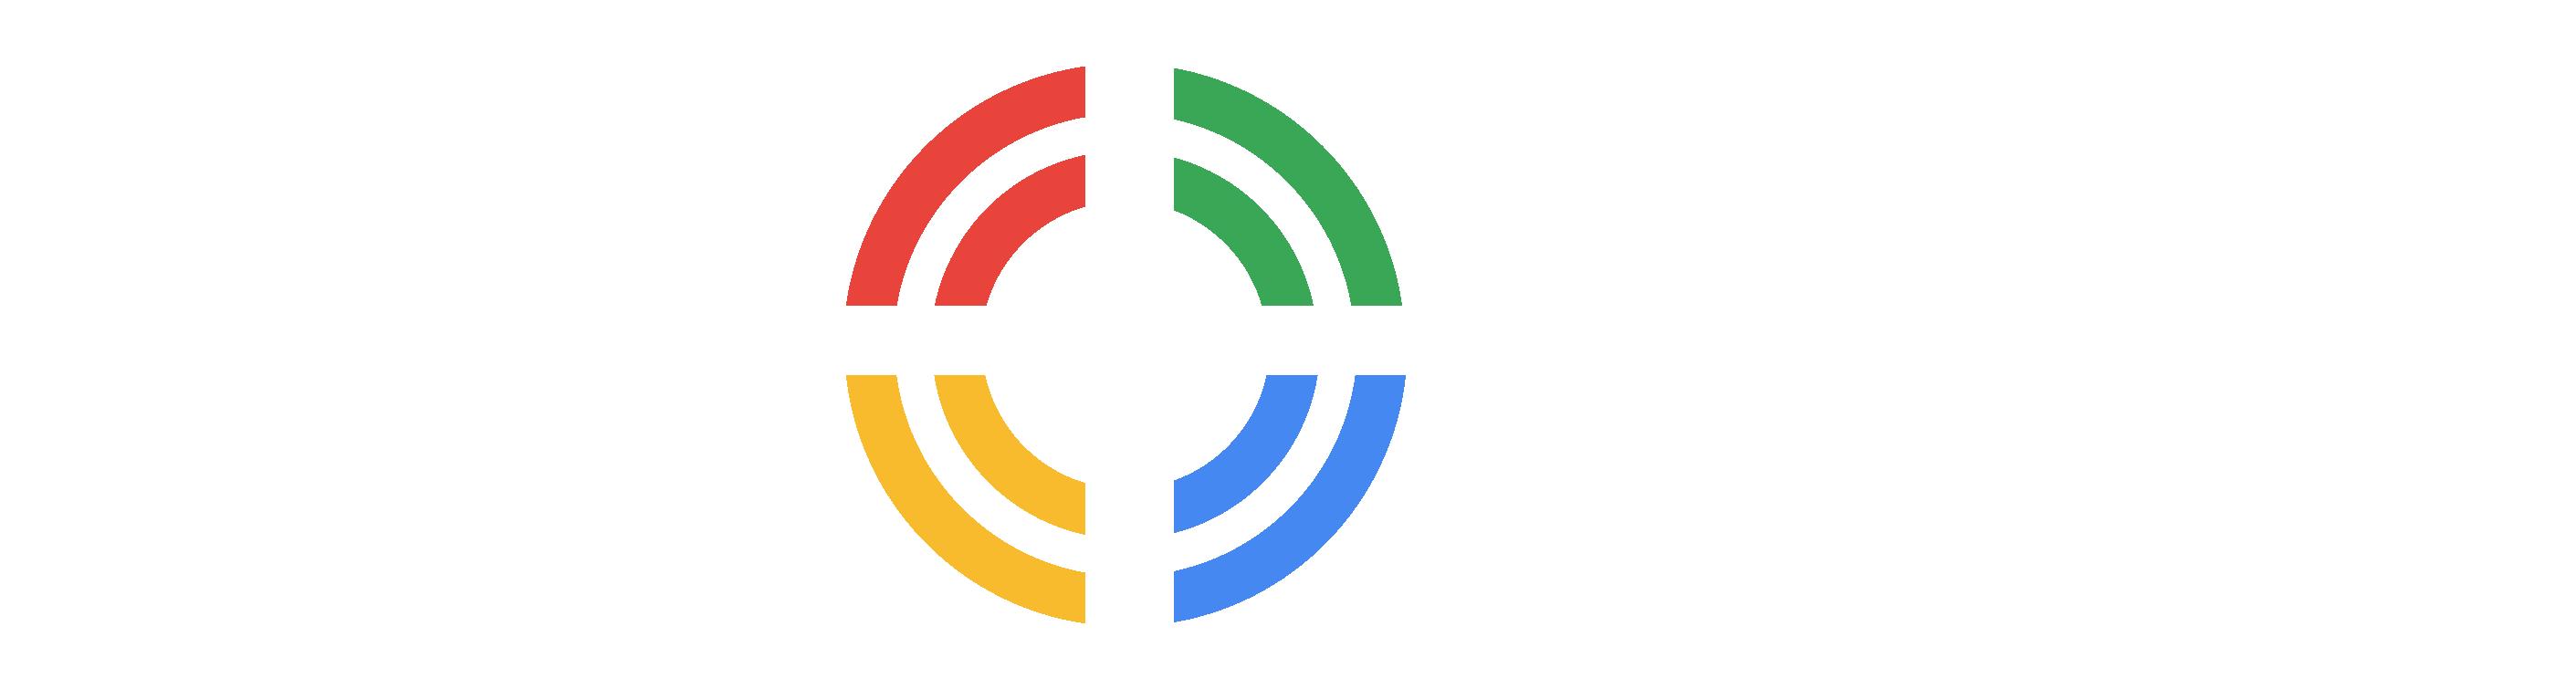 AUTOWIDE